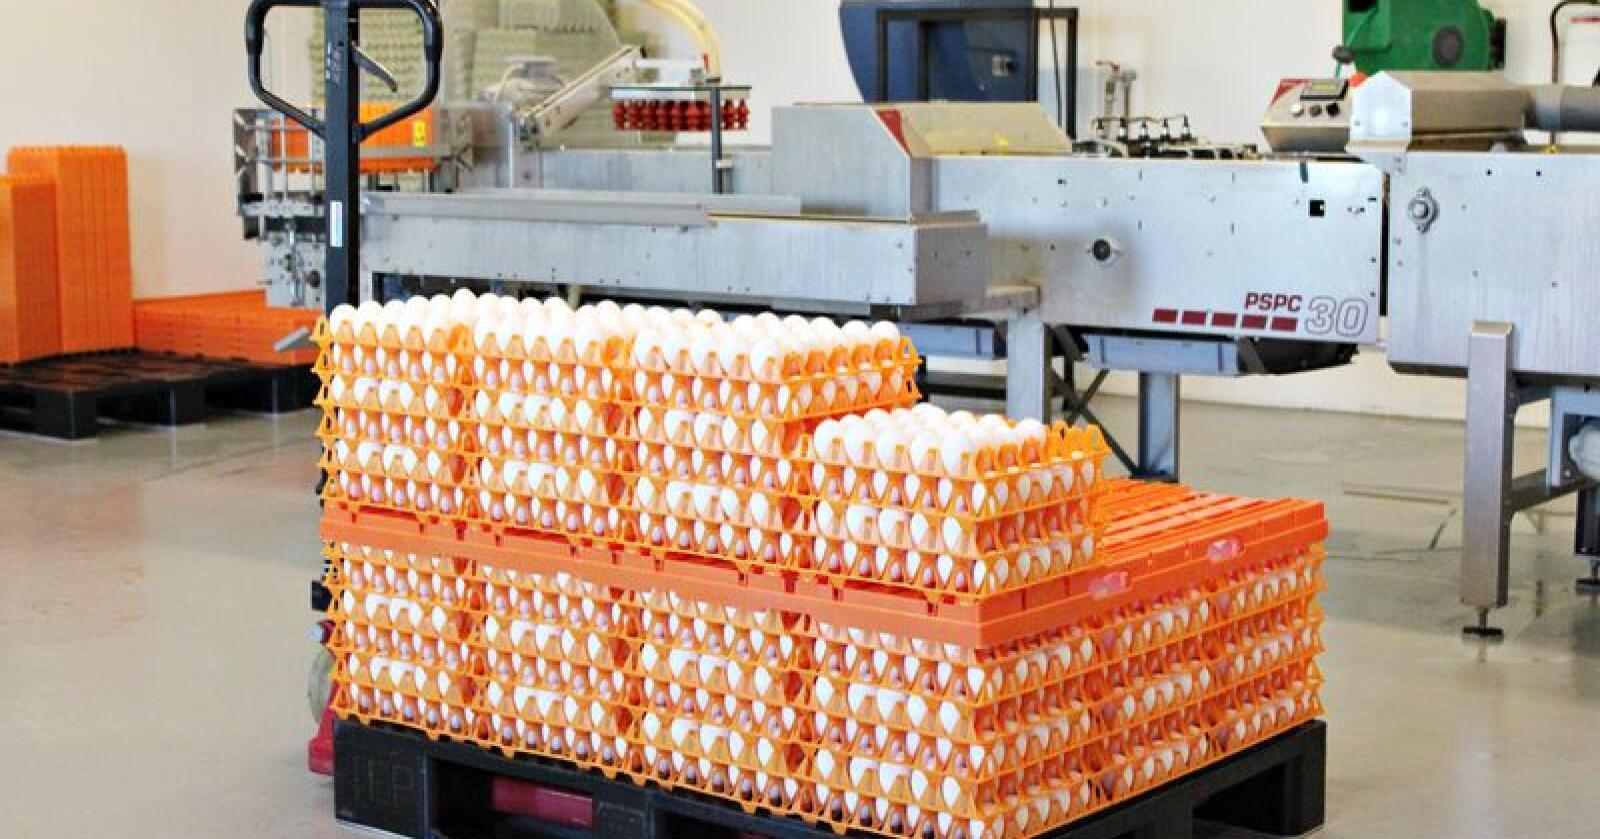 Prior blir hovedleverandør av egg til Rema1000. Alle eggene skal være fra frittgående systemer. Foto: Camilla Mellemstrand.